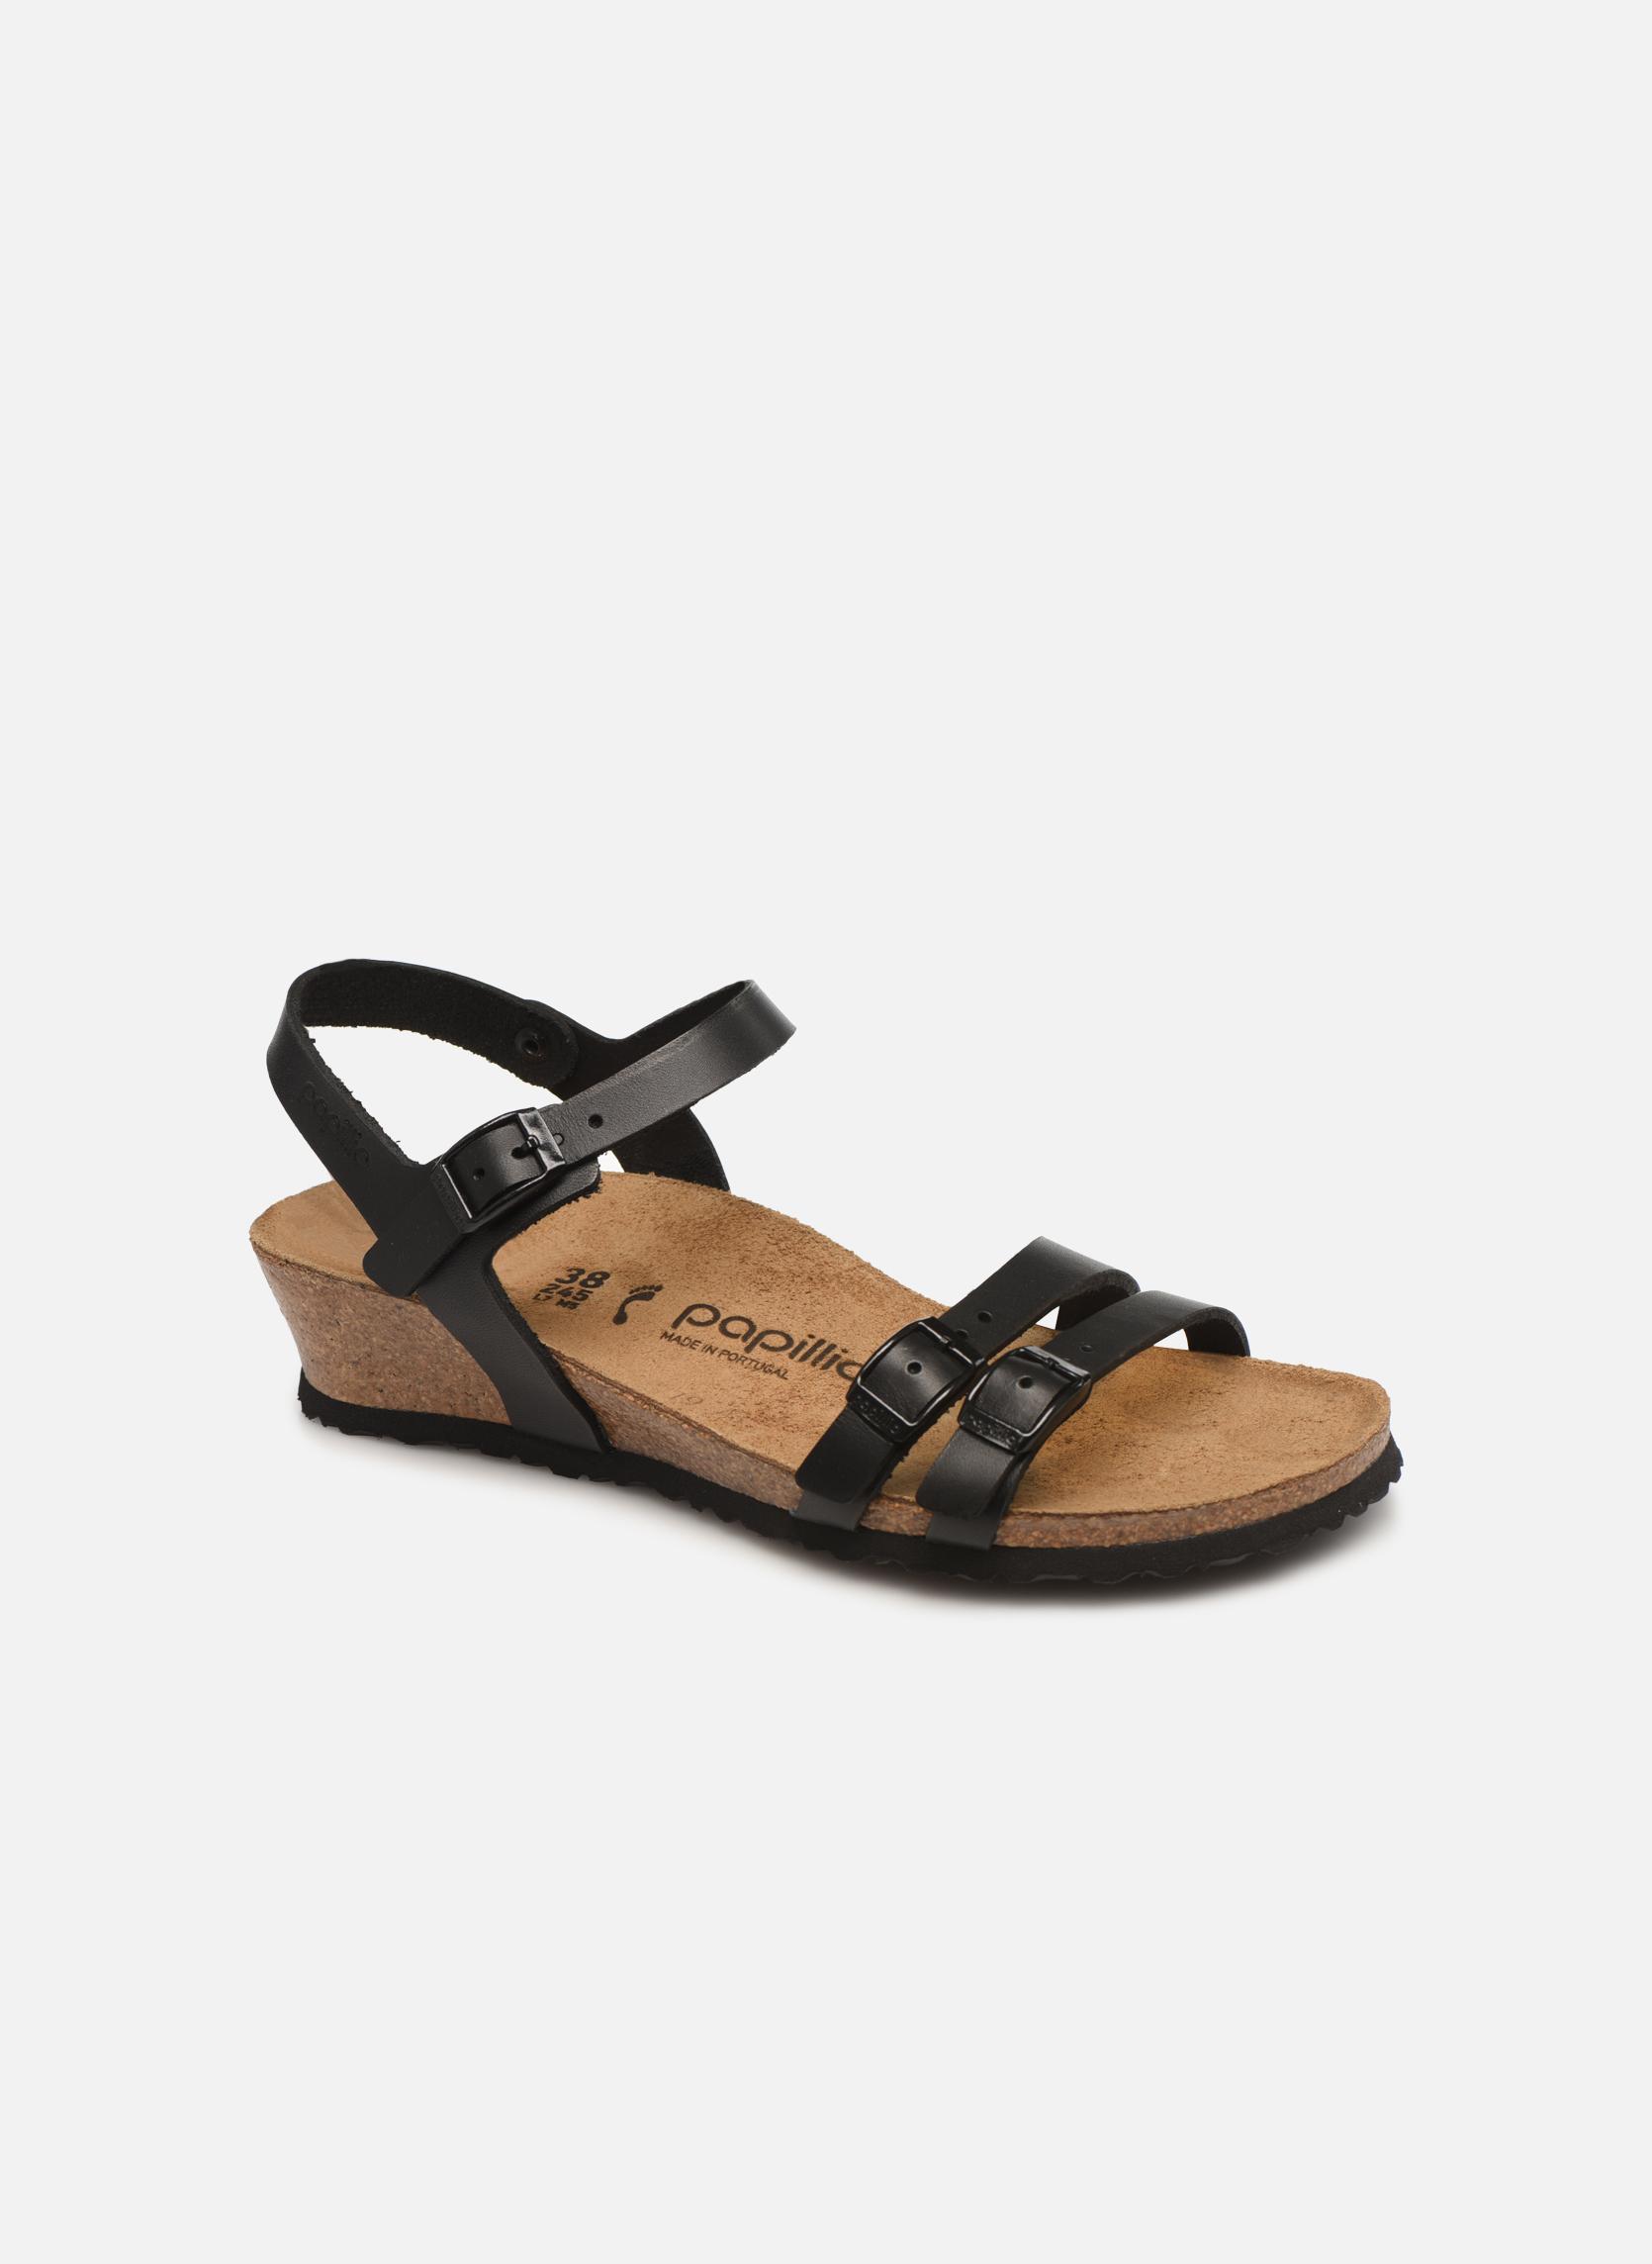 Sandals Women Lana